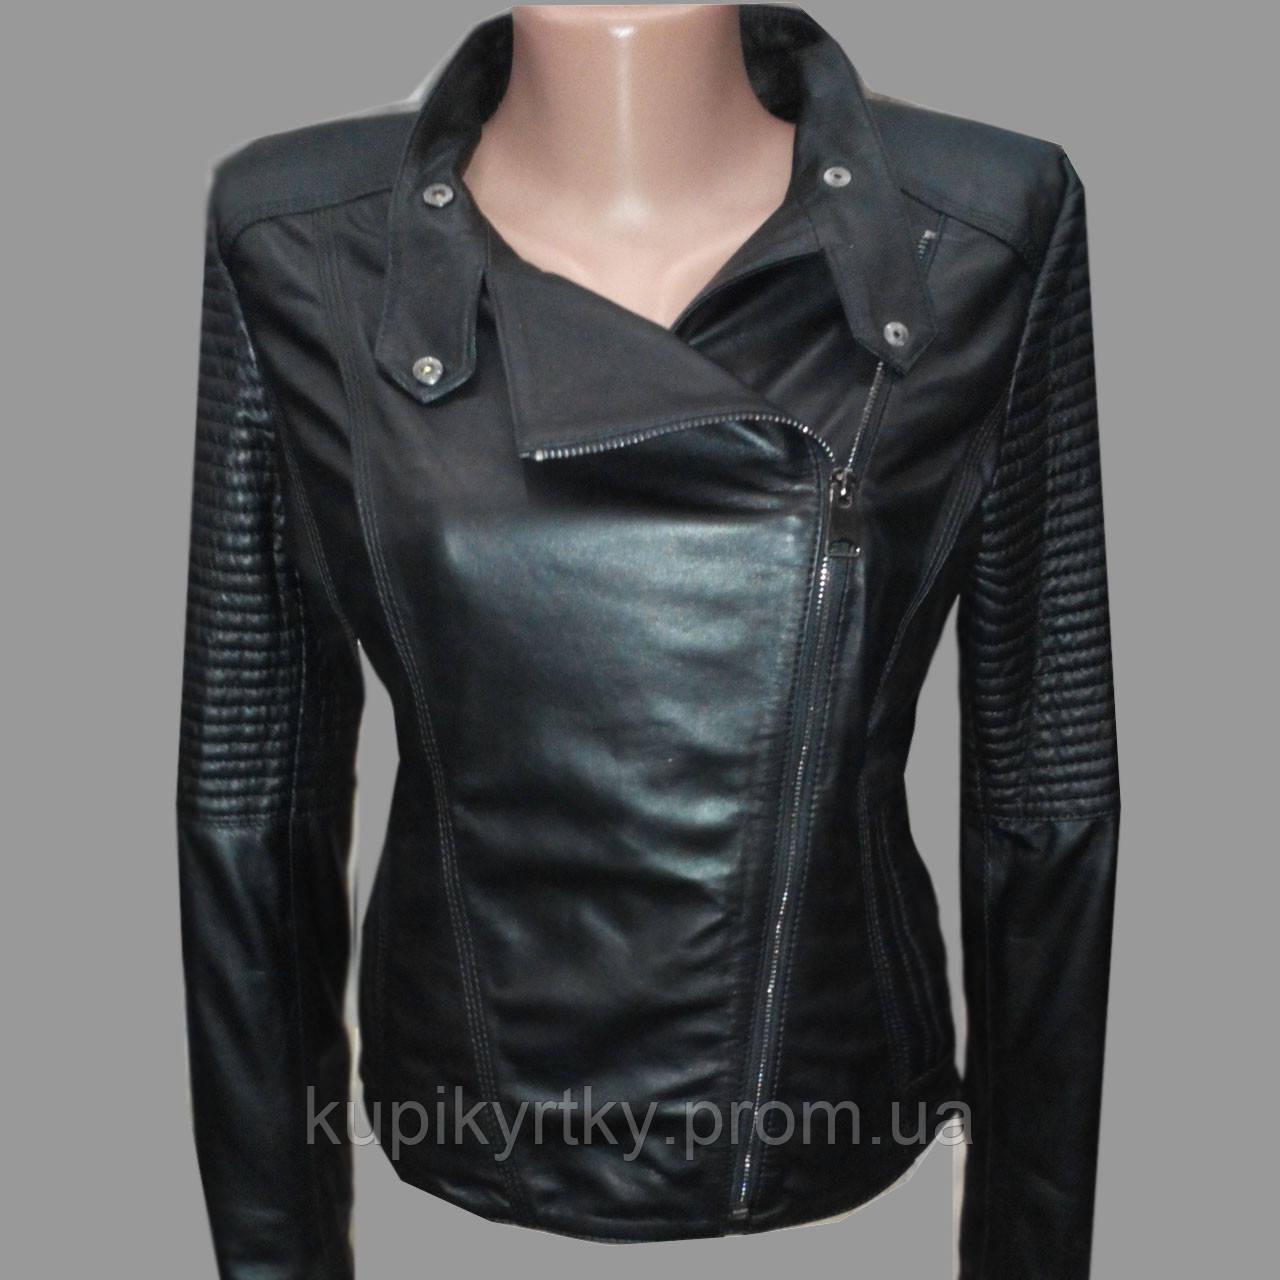 9c1b4b22930b Куртка женская из натуральной кожи. - Интермаг.